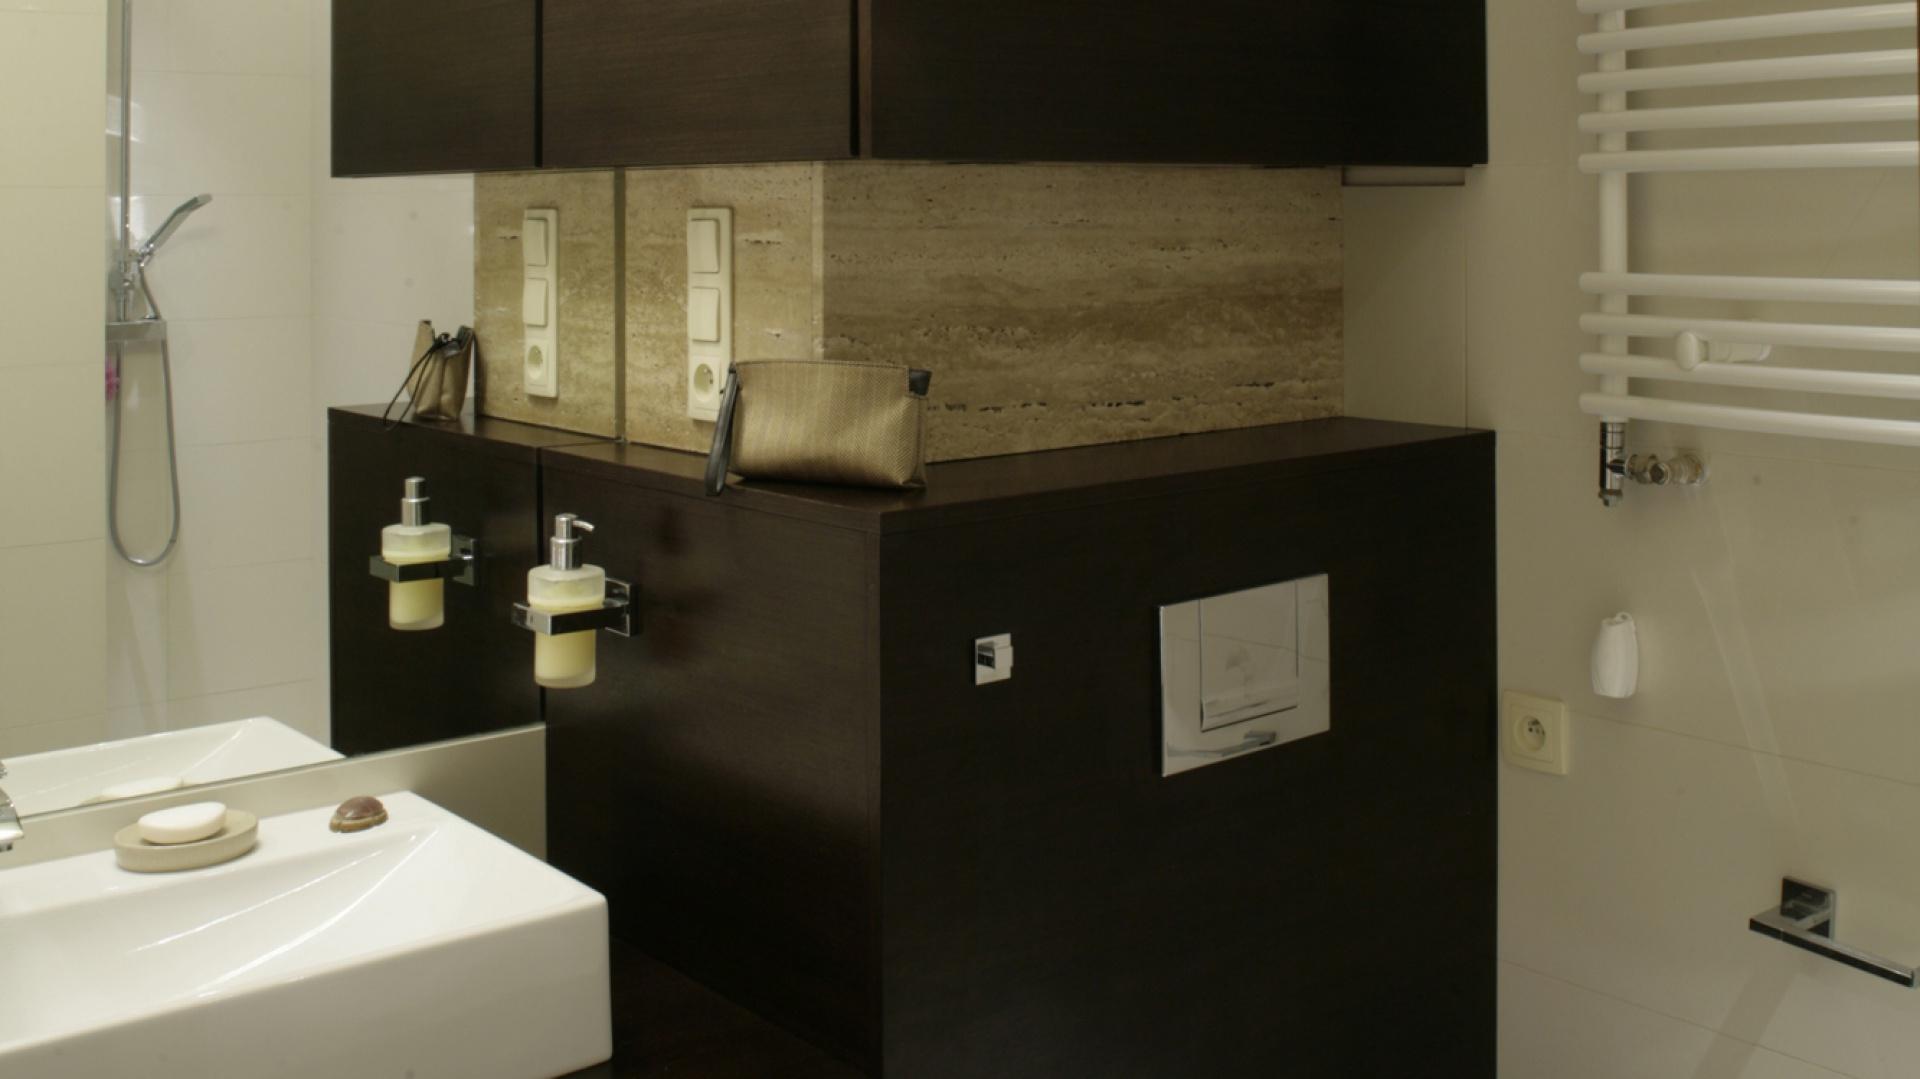 Przed prostokątną bryłą umywalki ulokowano szafki w fornirze wenge. Z tego samego materiału powstała też obudowa ściany w strefie sanitarnej. Wnęka, wyłożona trawertynem, nawiązuje do ogólnego charakteru wnętrza. Fot. Monika Filipiuk.